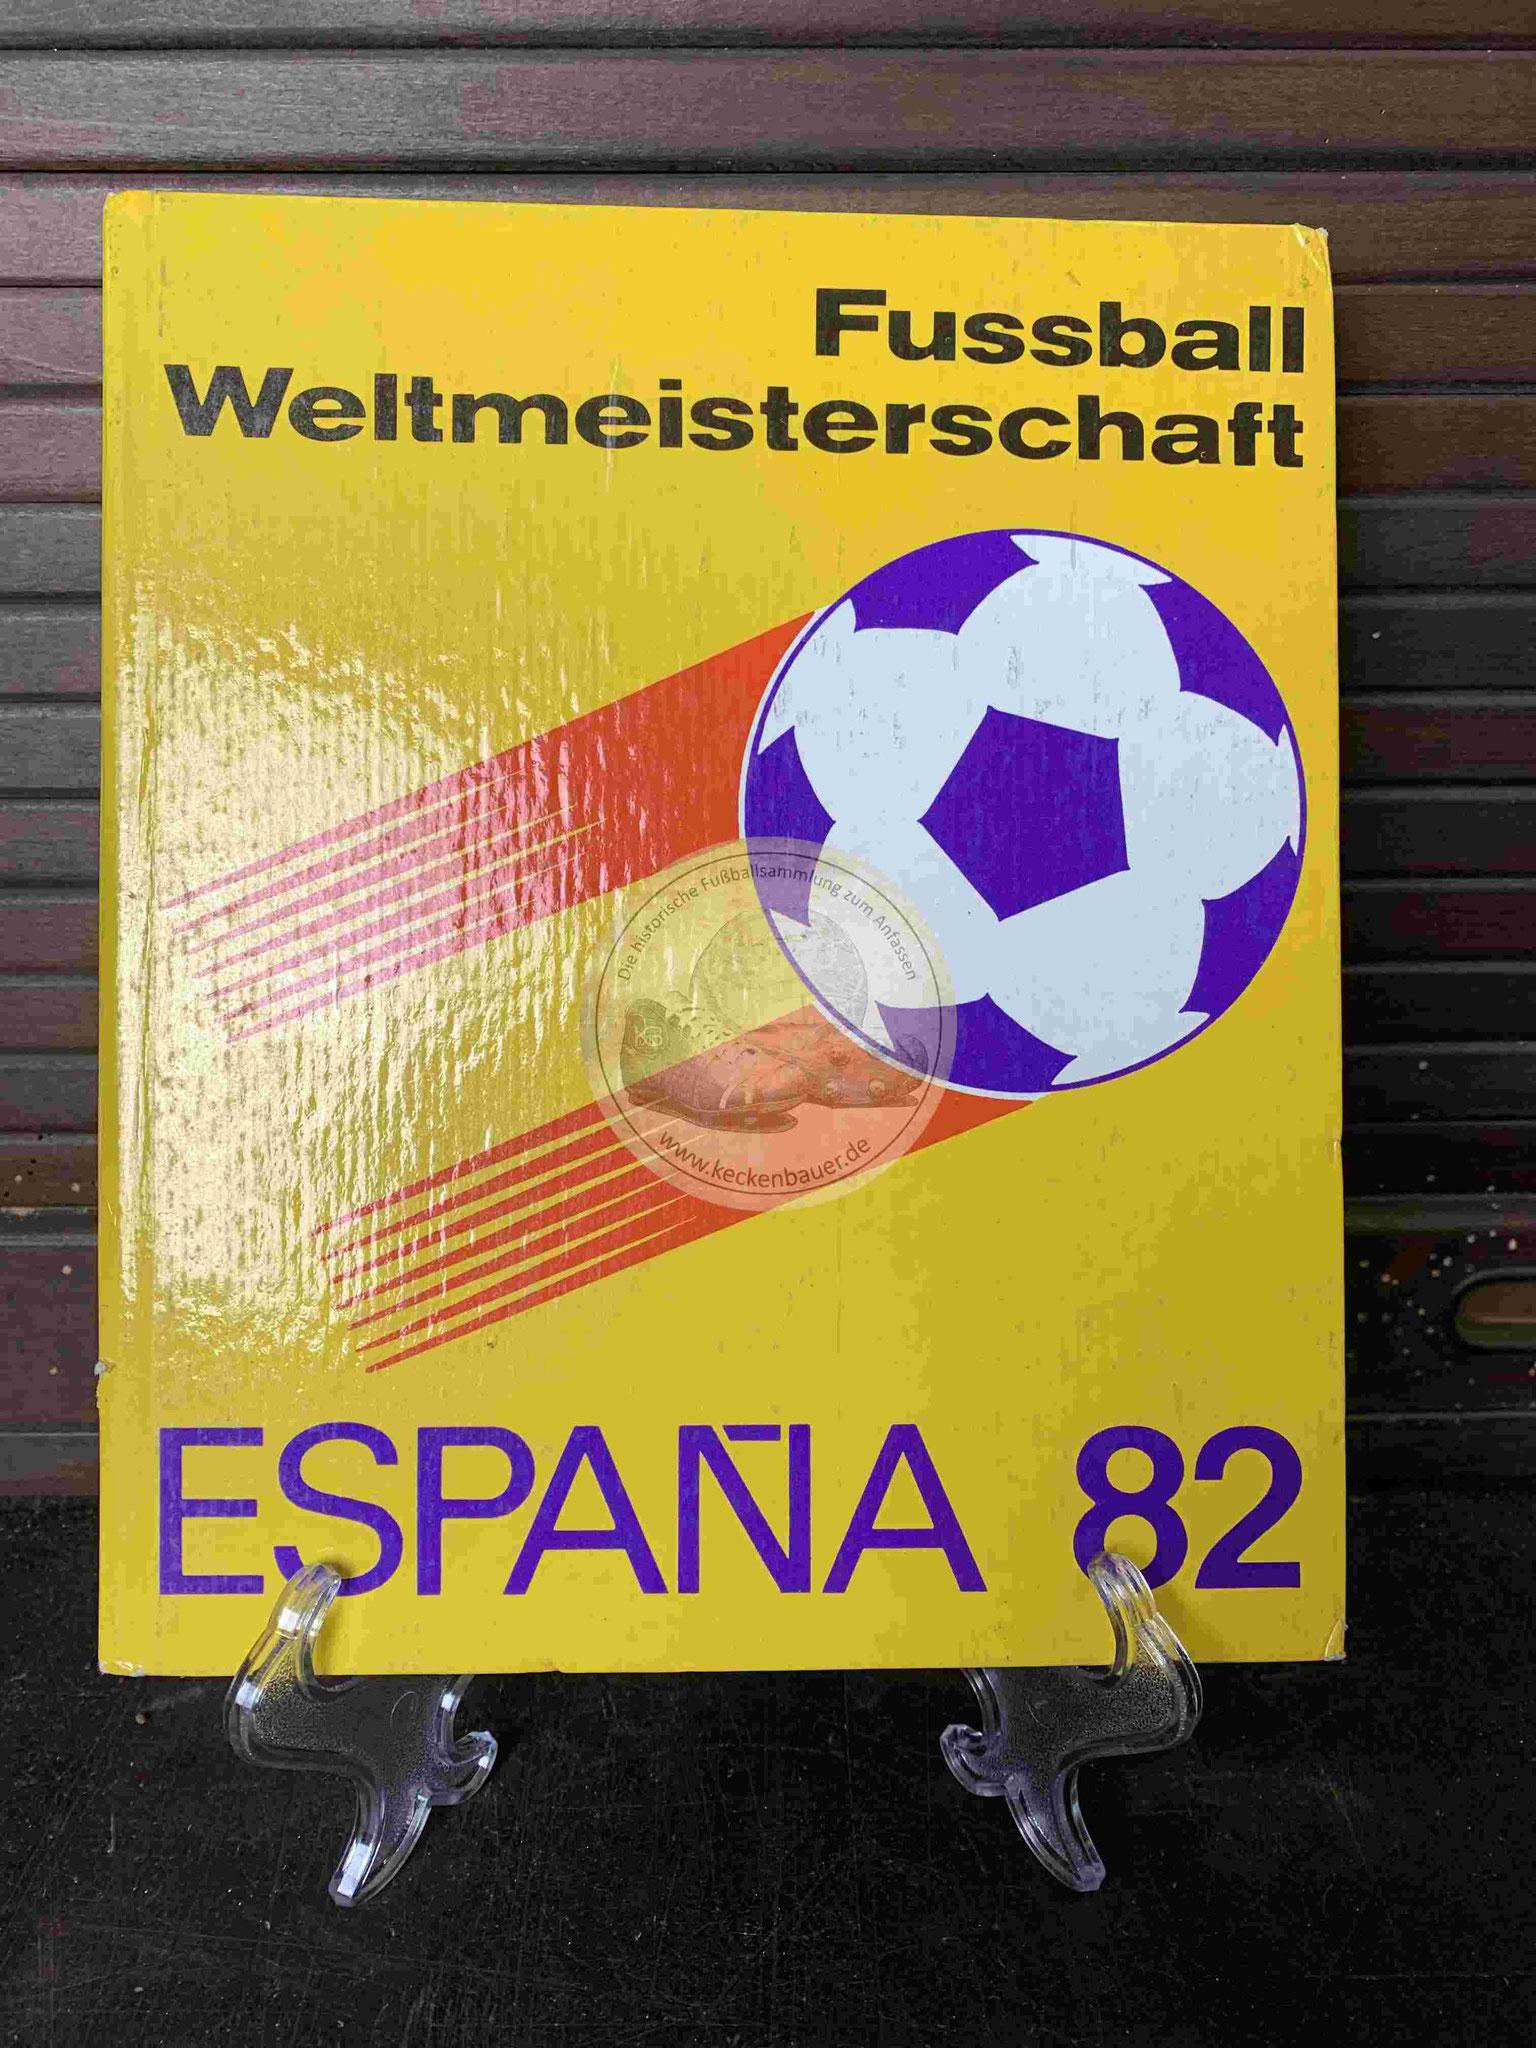 Fussball Weltmeisterschaft Espana 82